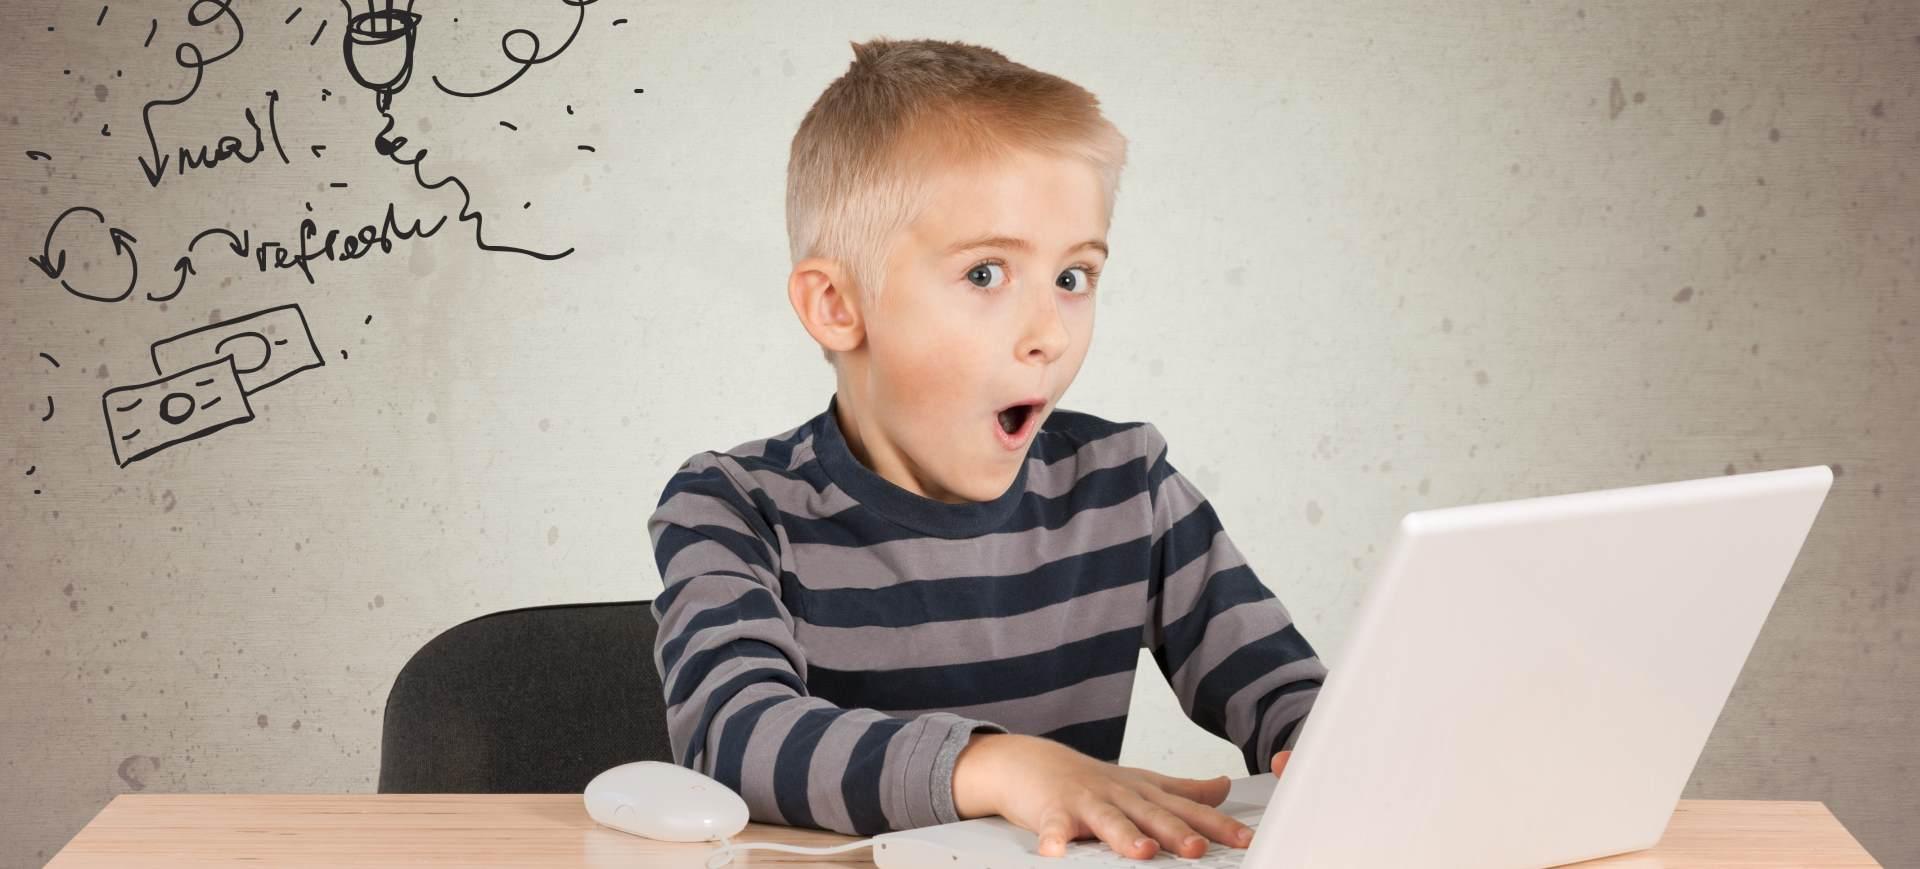 Логопедия для детей онлайн на русском языке